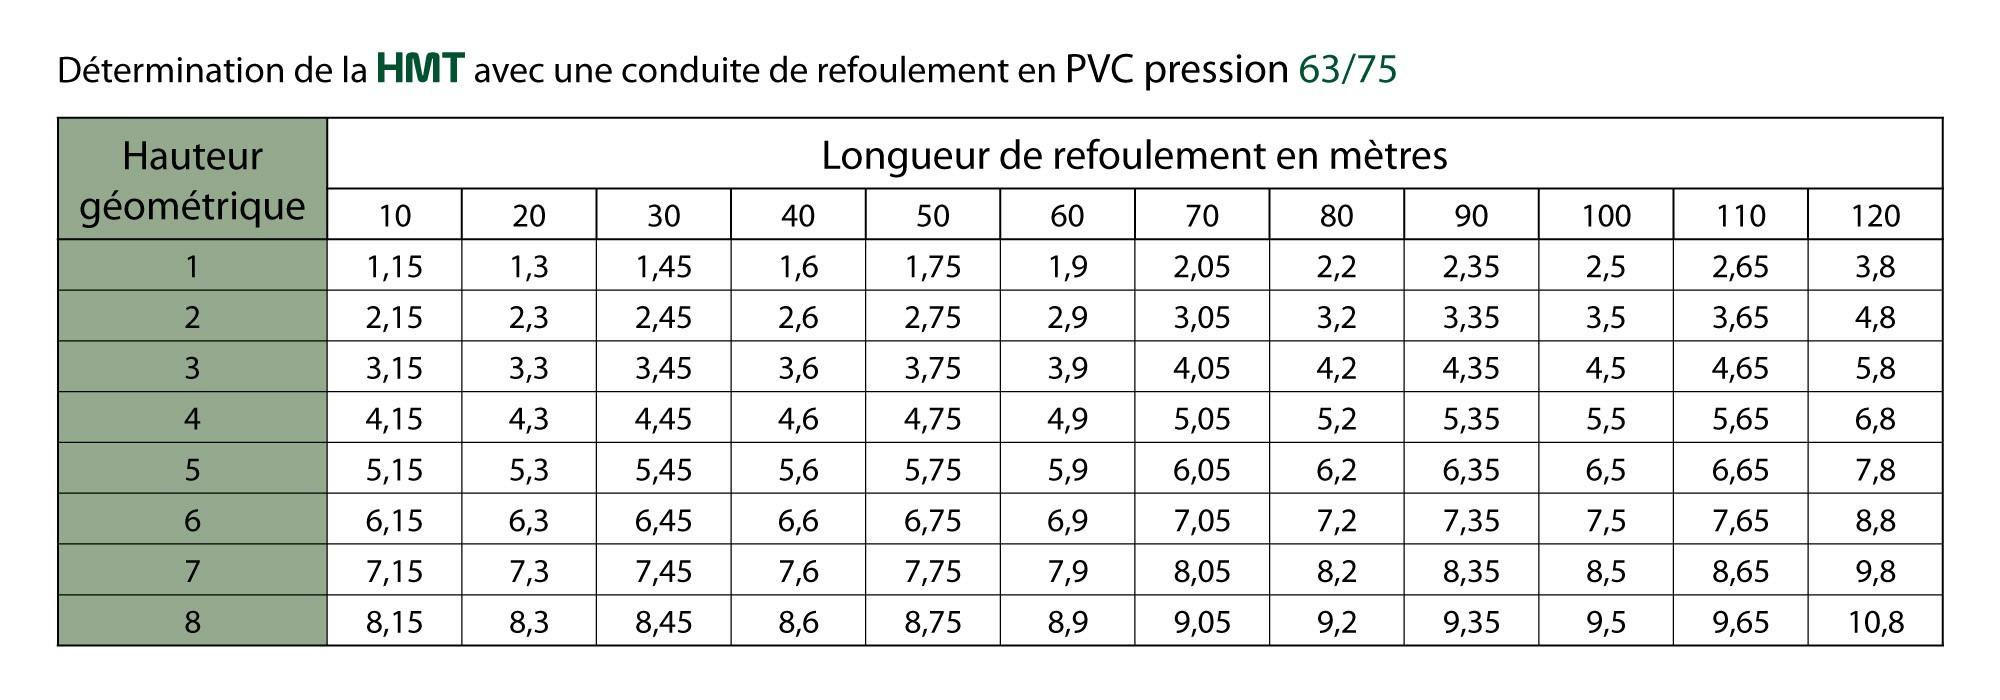 détermination hauteur manométrique totale HMT avec pvc pression 63/75